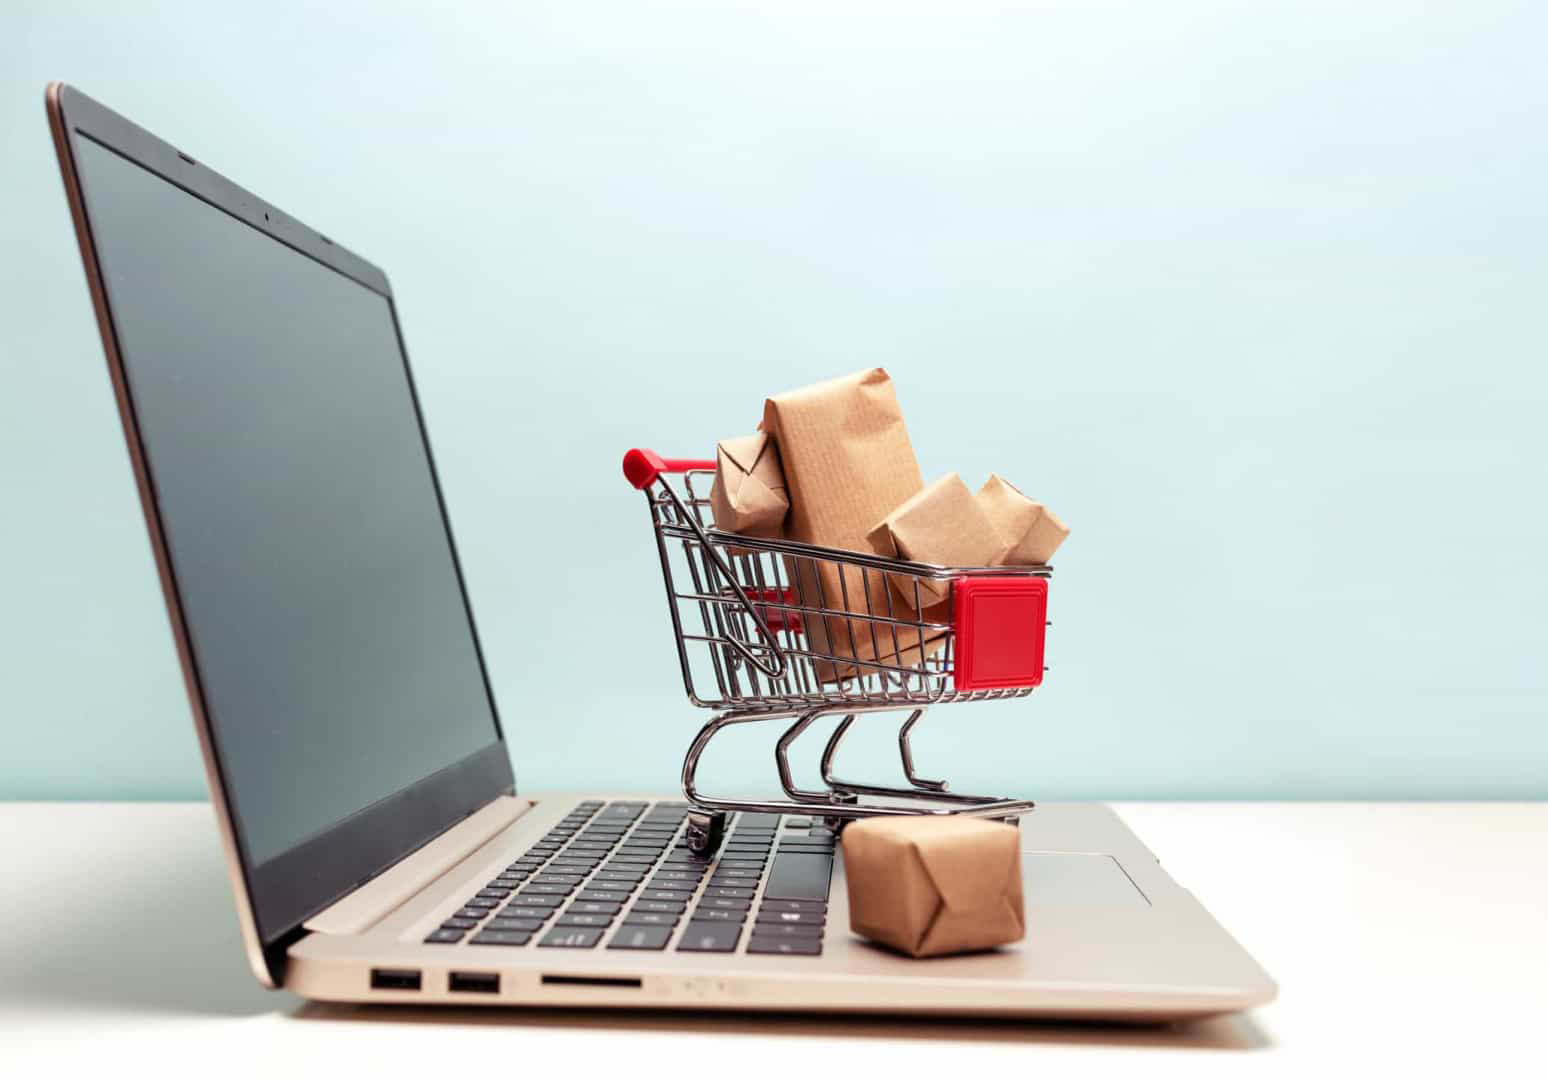 Quer fazer uma compra online mas tem medo que não corra bem? produção de sites